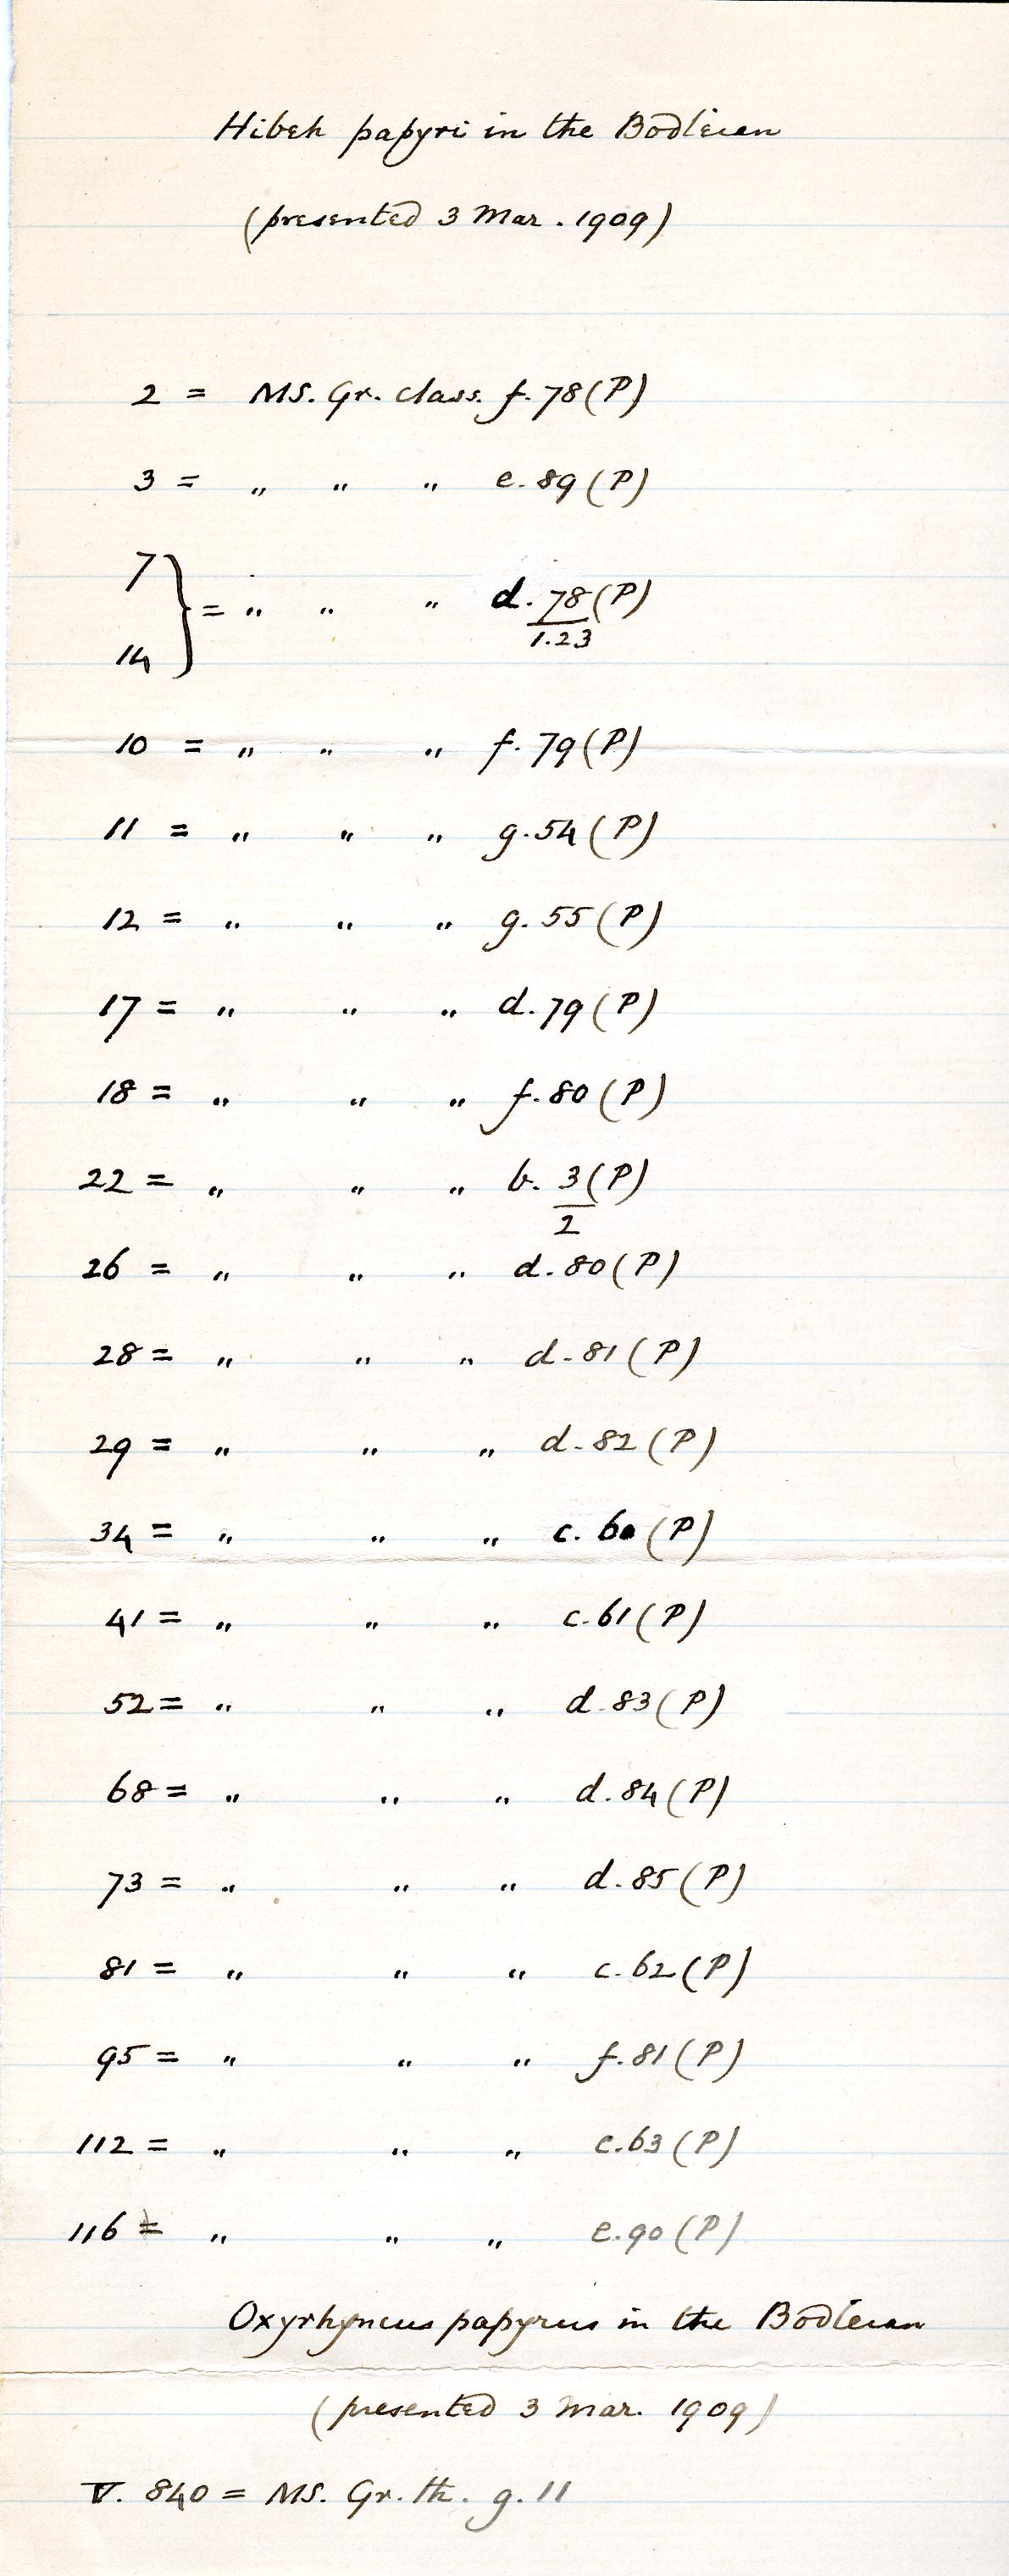 1908-13 Papyri DIST.32.14b